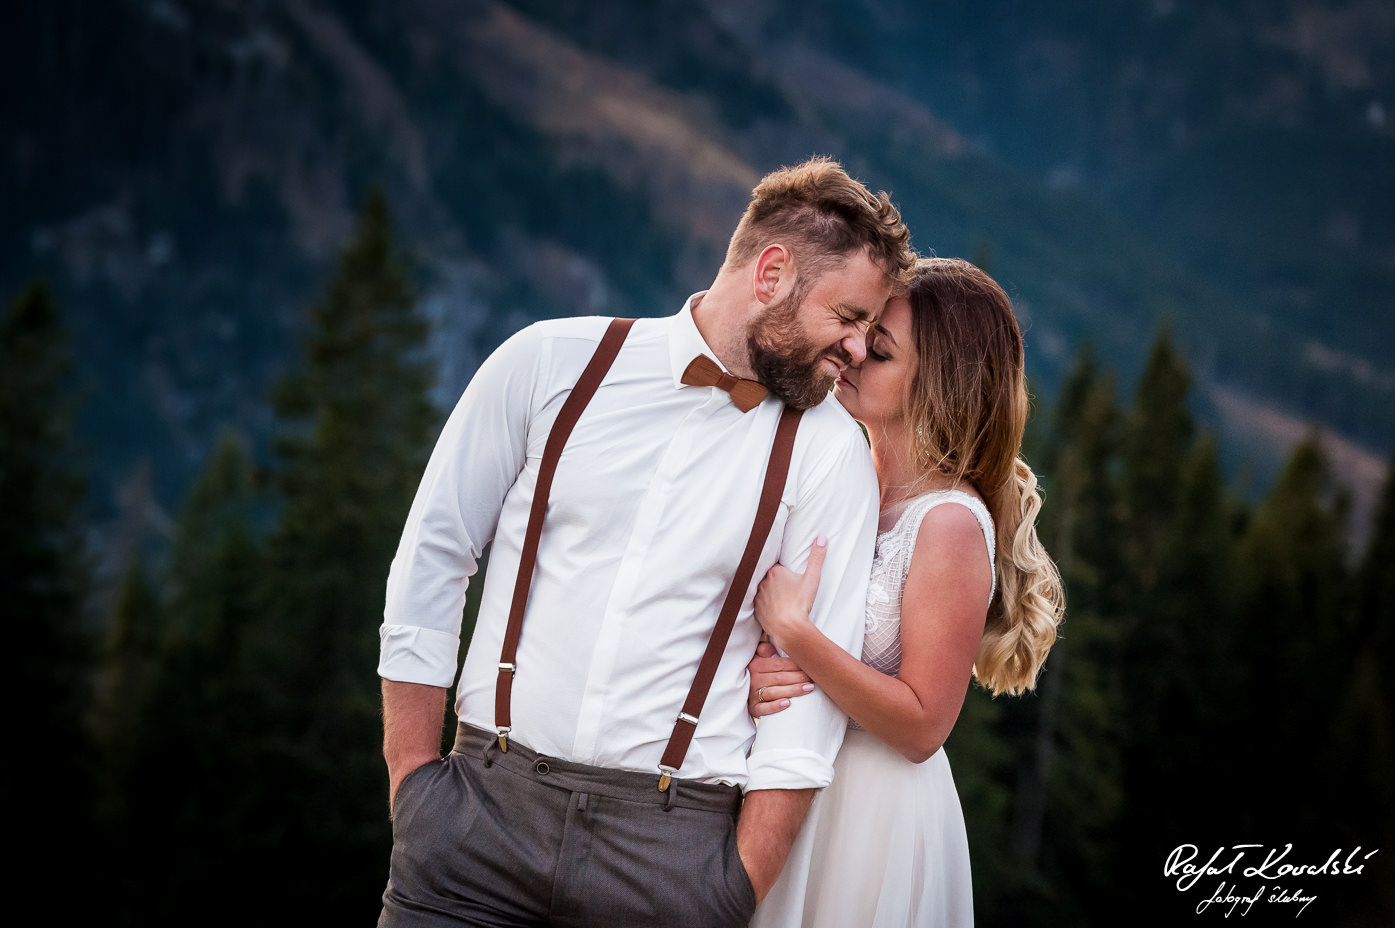 drewniana muszka dobrze wpisuje się w tematykę pleneru ślubnego w Tatrach